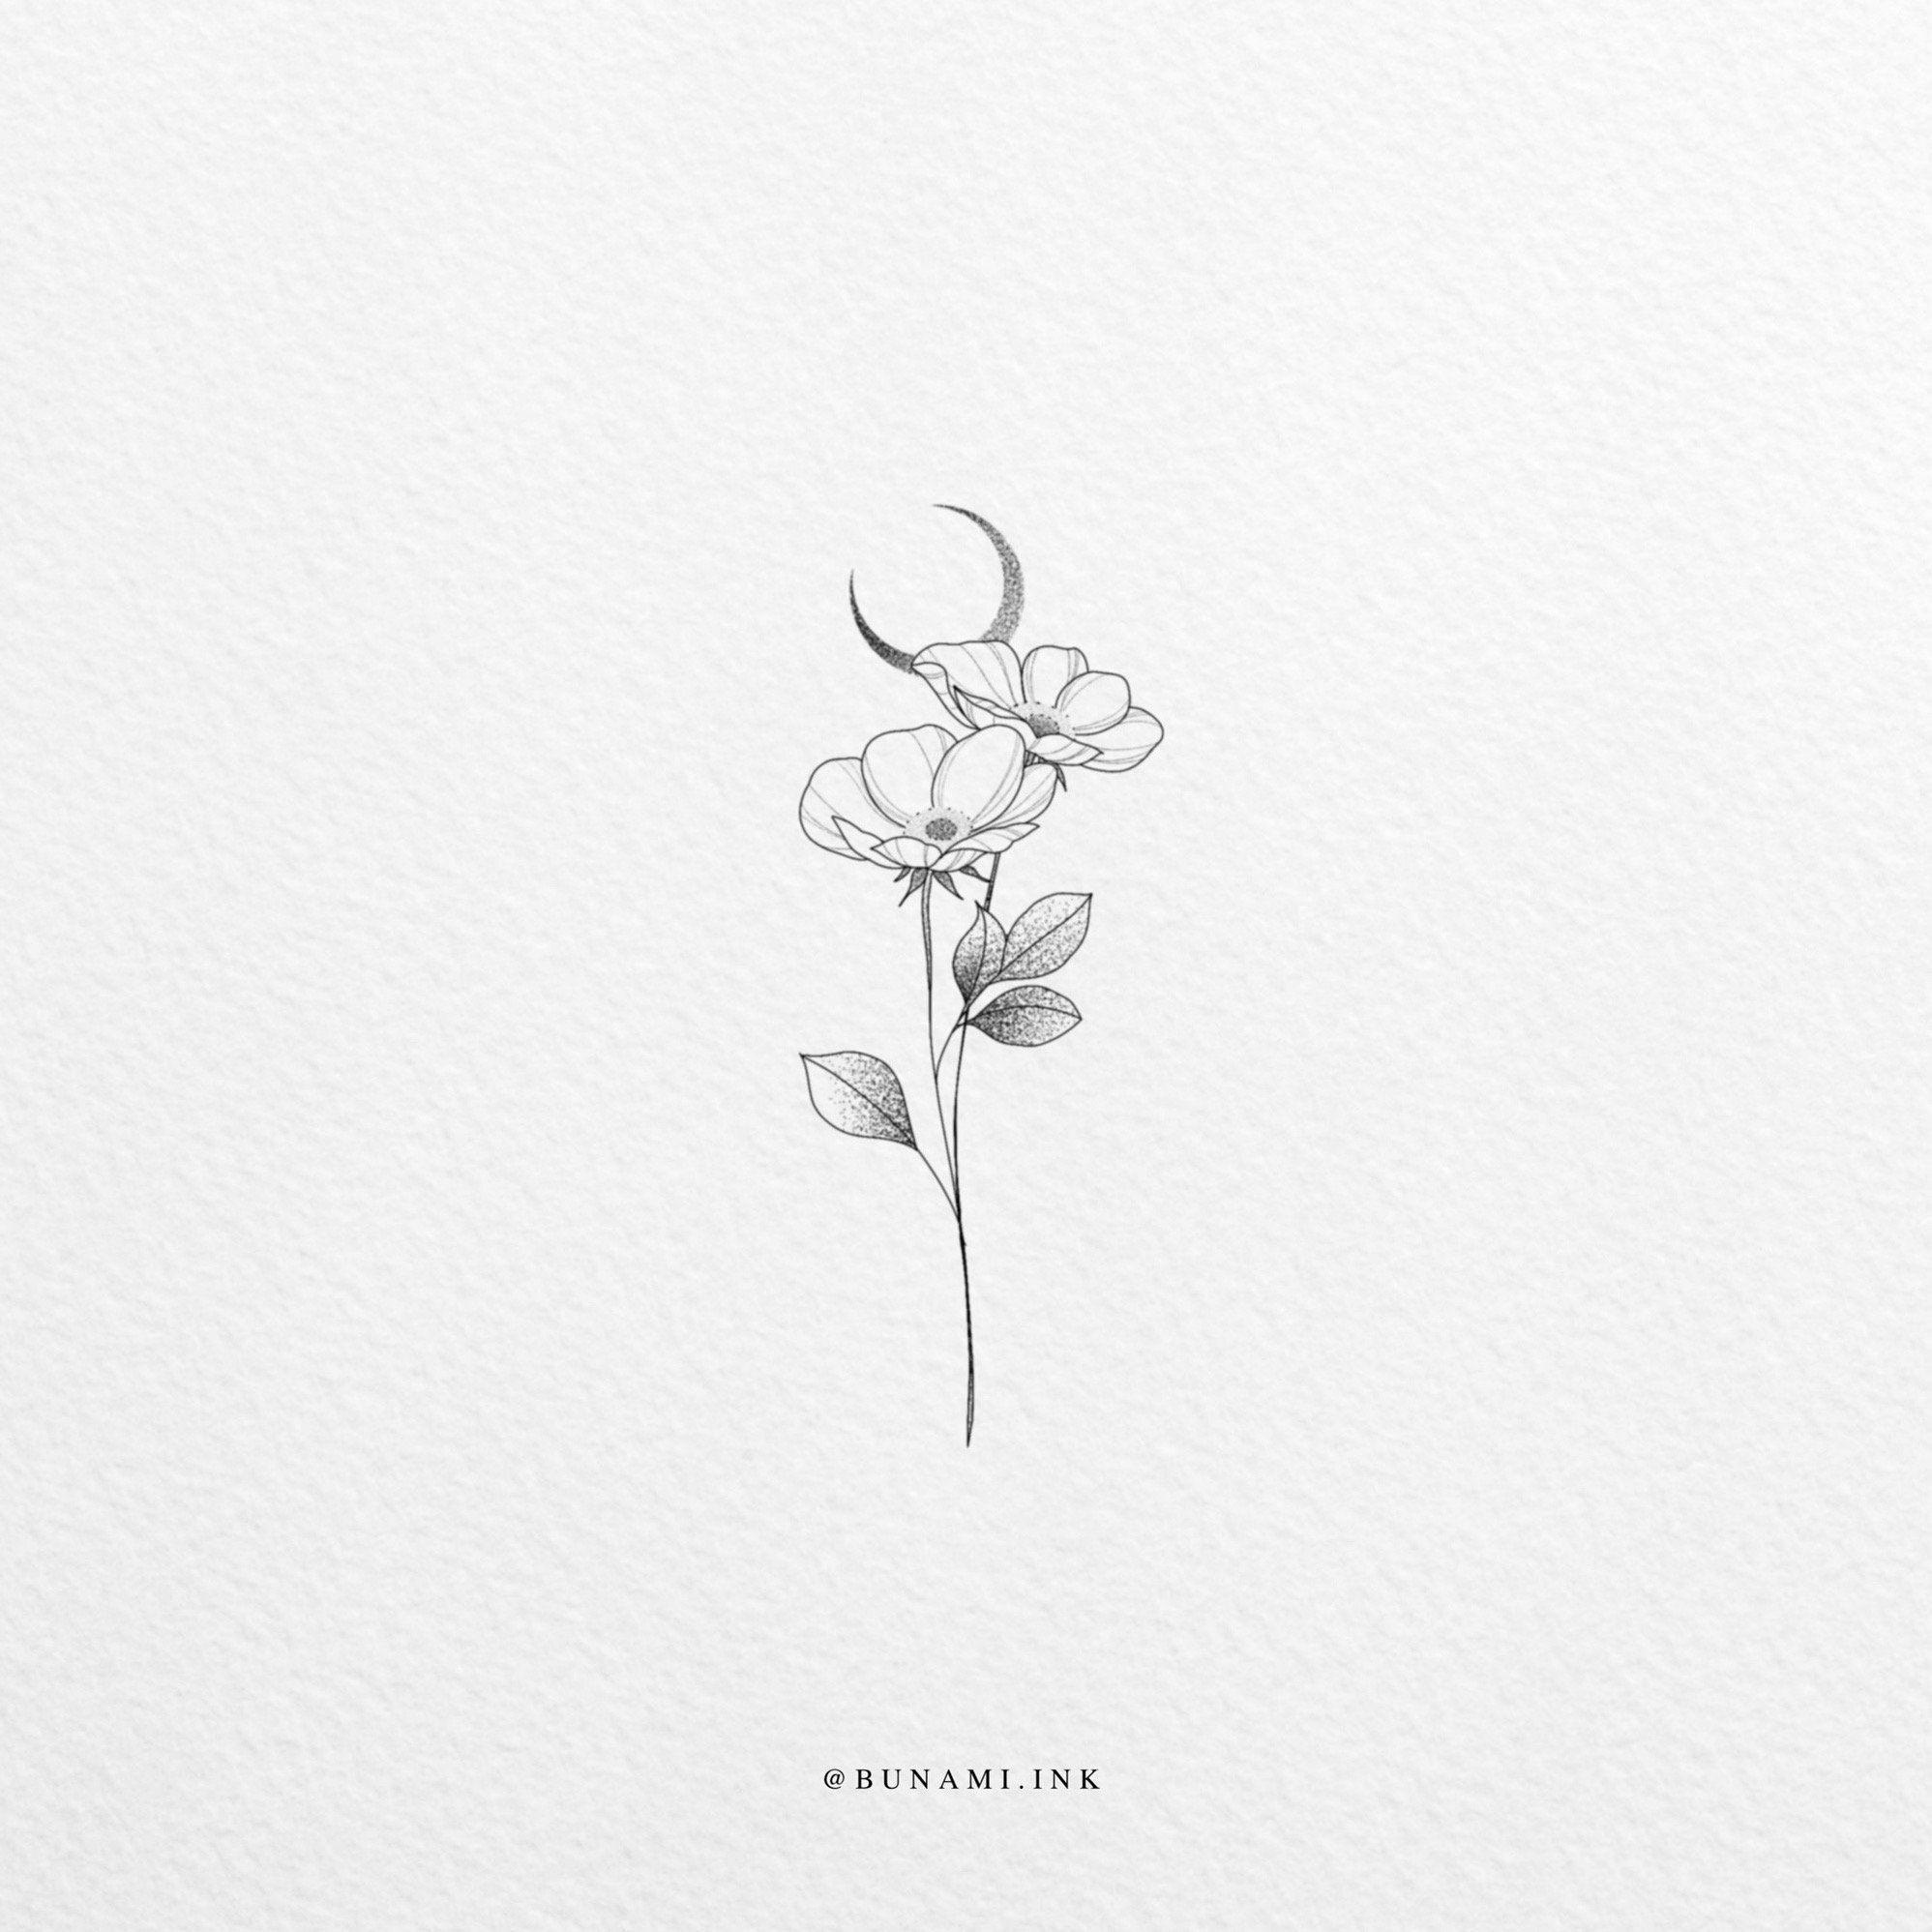 Tiny wild rose – Bunami Ink